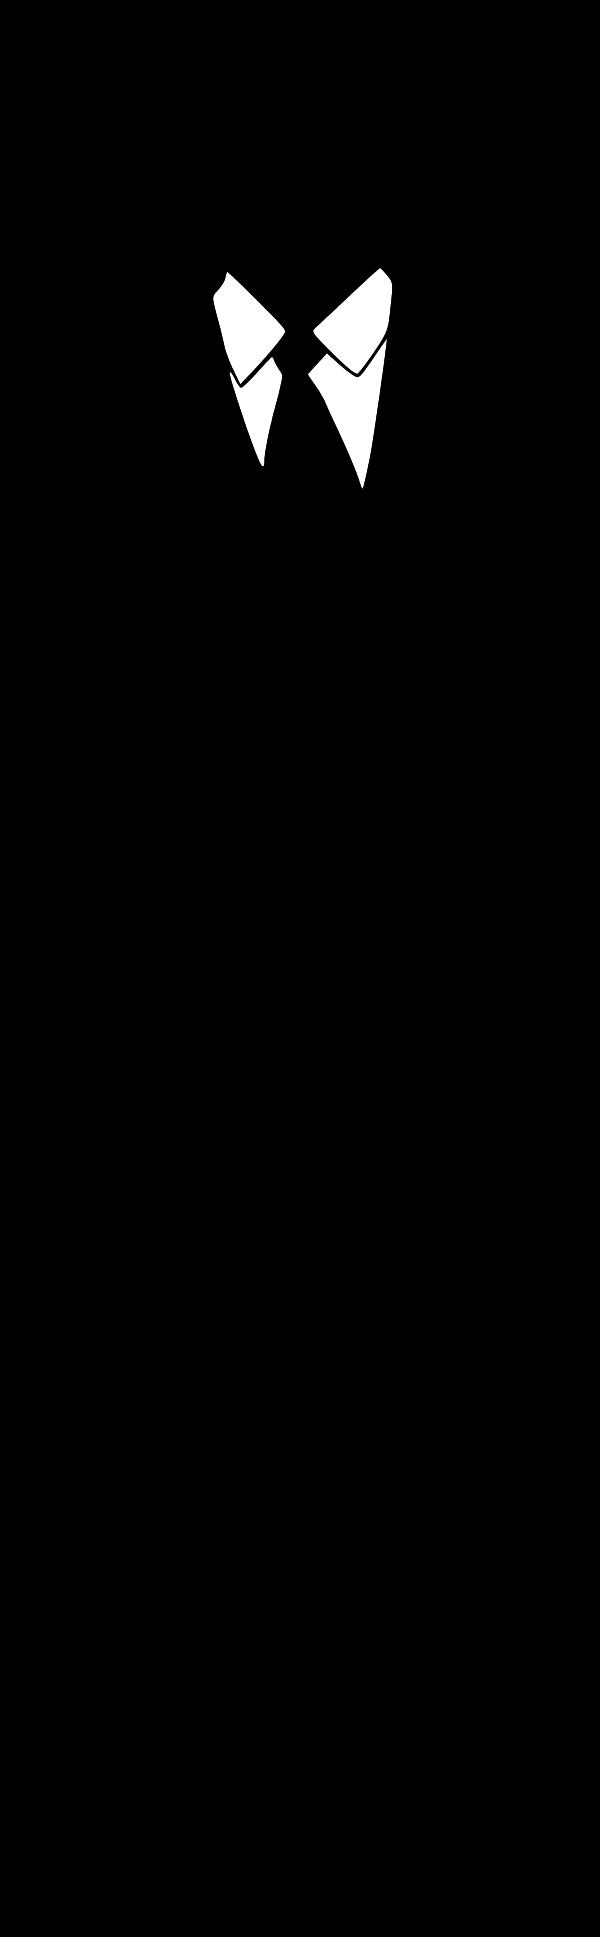 Black Male Silhouette Clipart .-Black Male Silhouette Clipart .-7